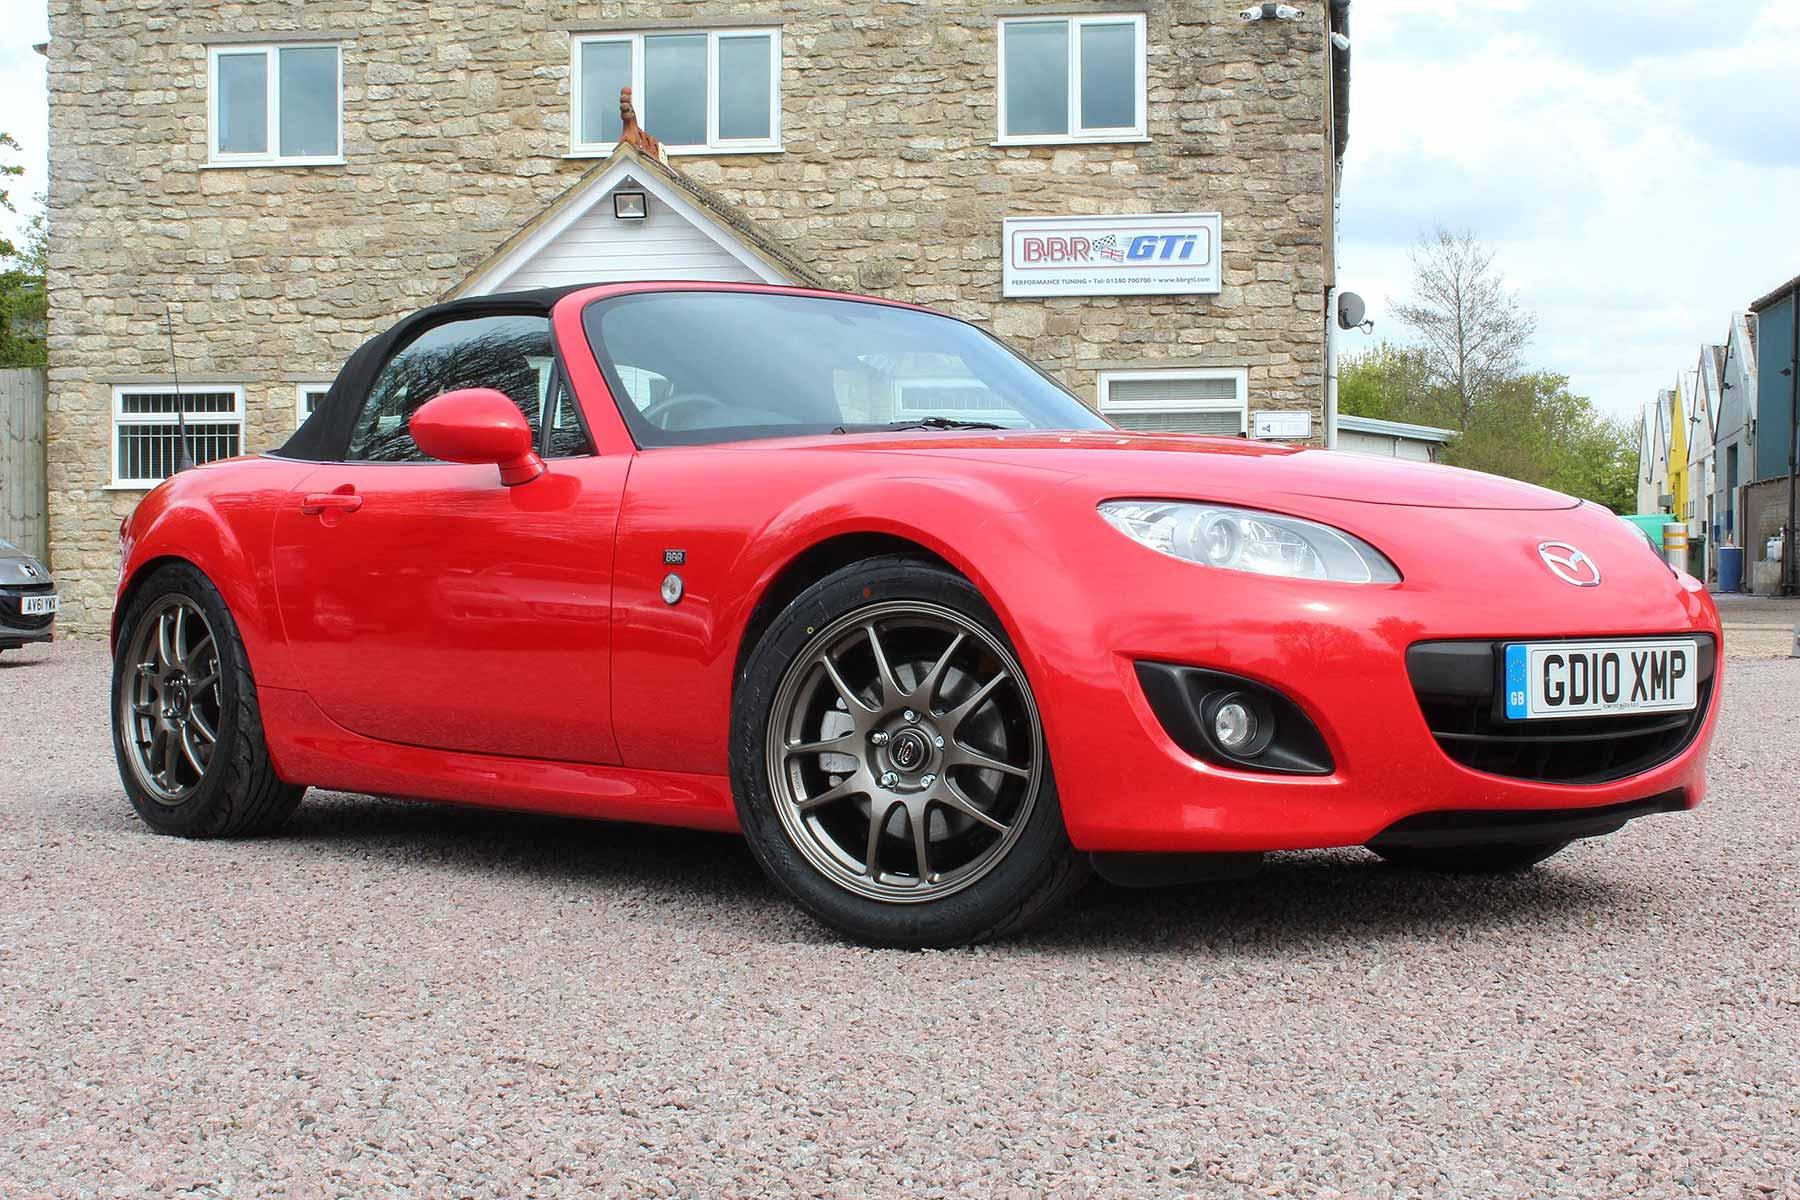 Fancy a bargain 225hp Mazda MX-5 runout special?